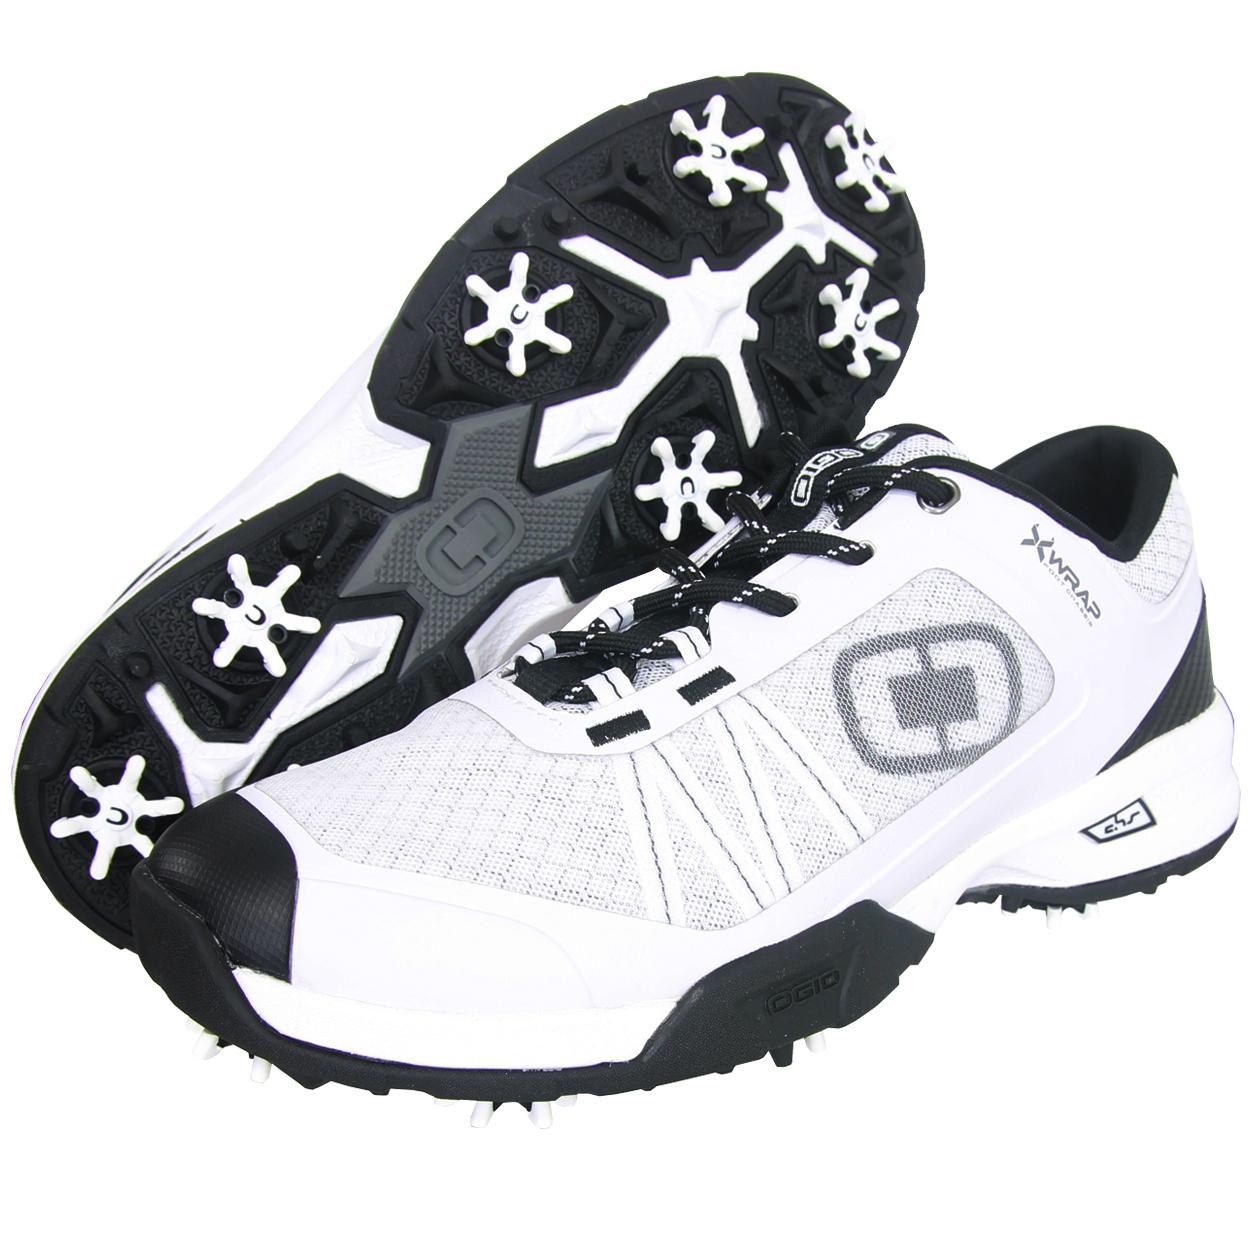 Zapatos de golf Ogio deportivos 3